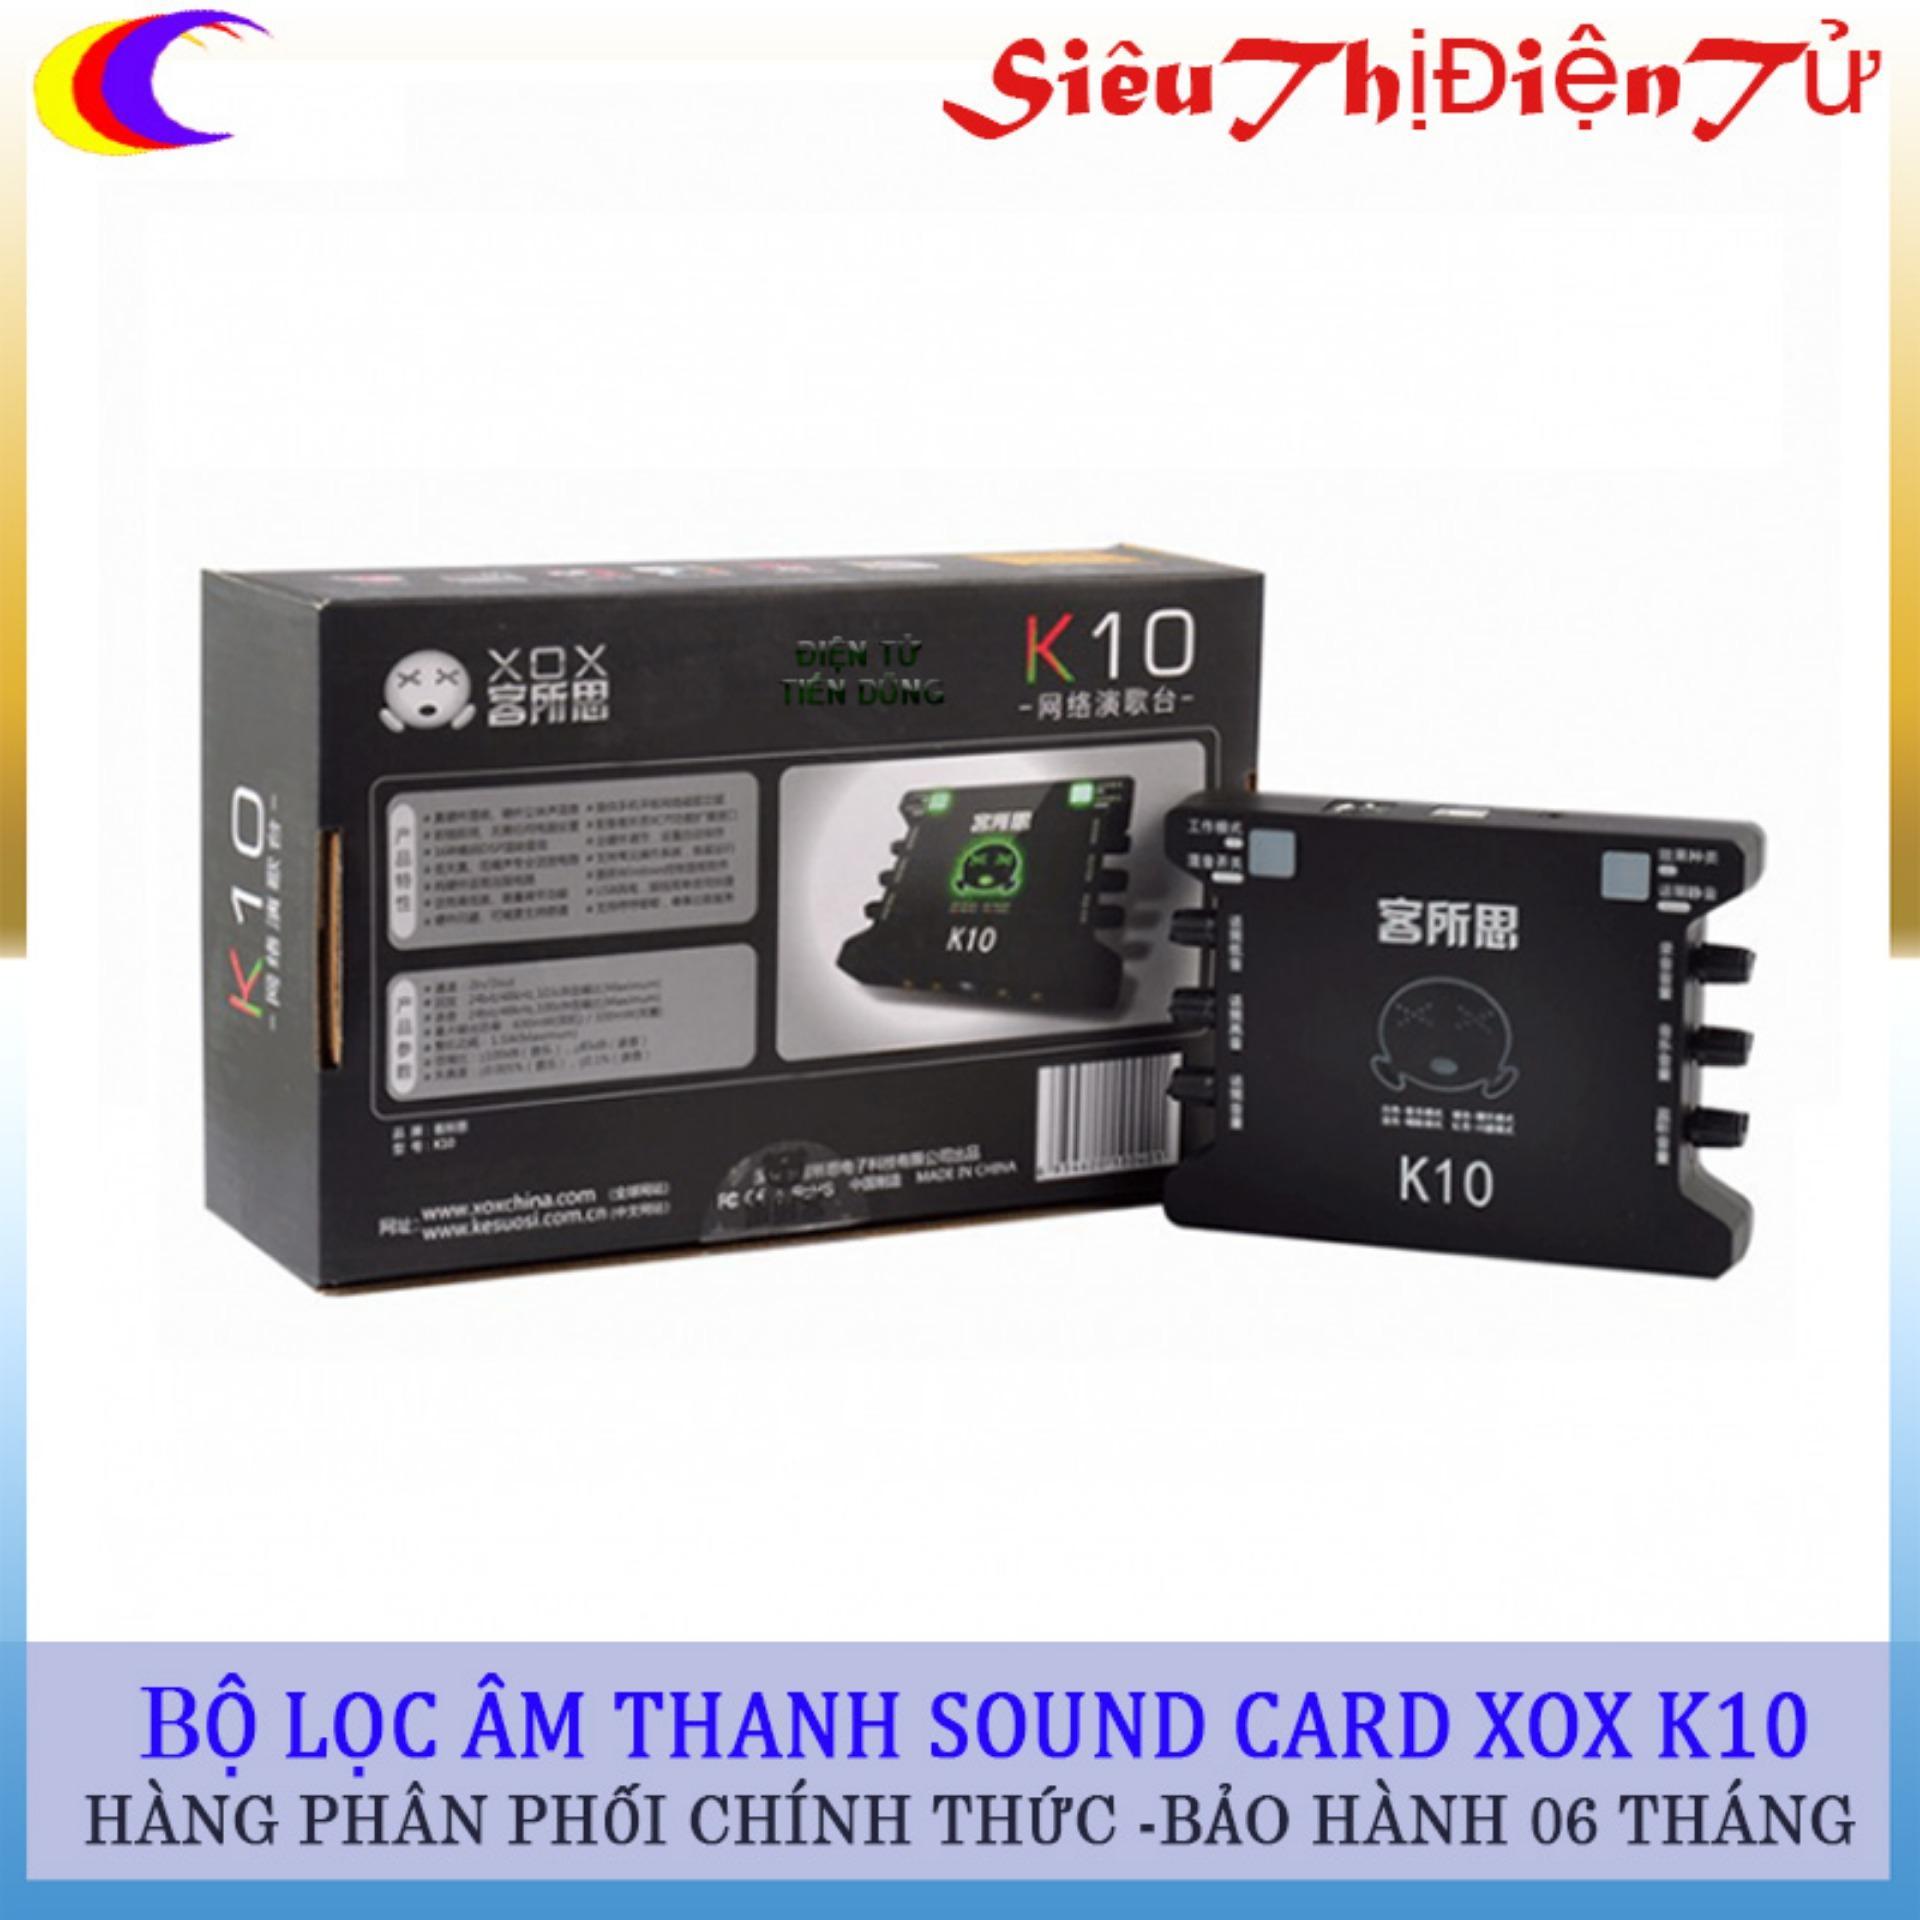 Bán Bộ Sound Card Xox K10 Chuyển Lọc Am Thanh Việt Nam